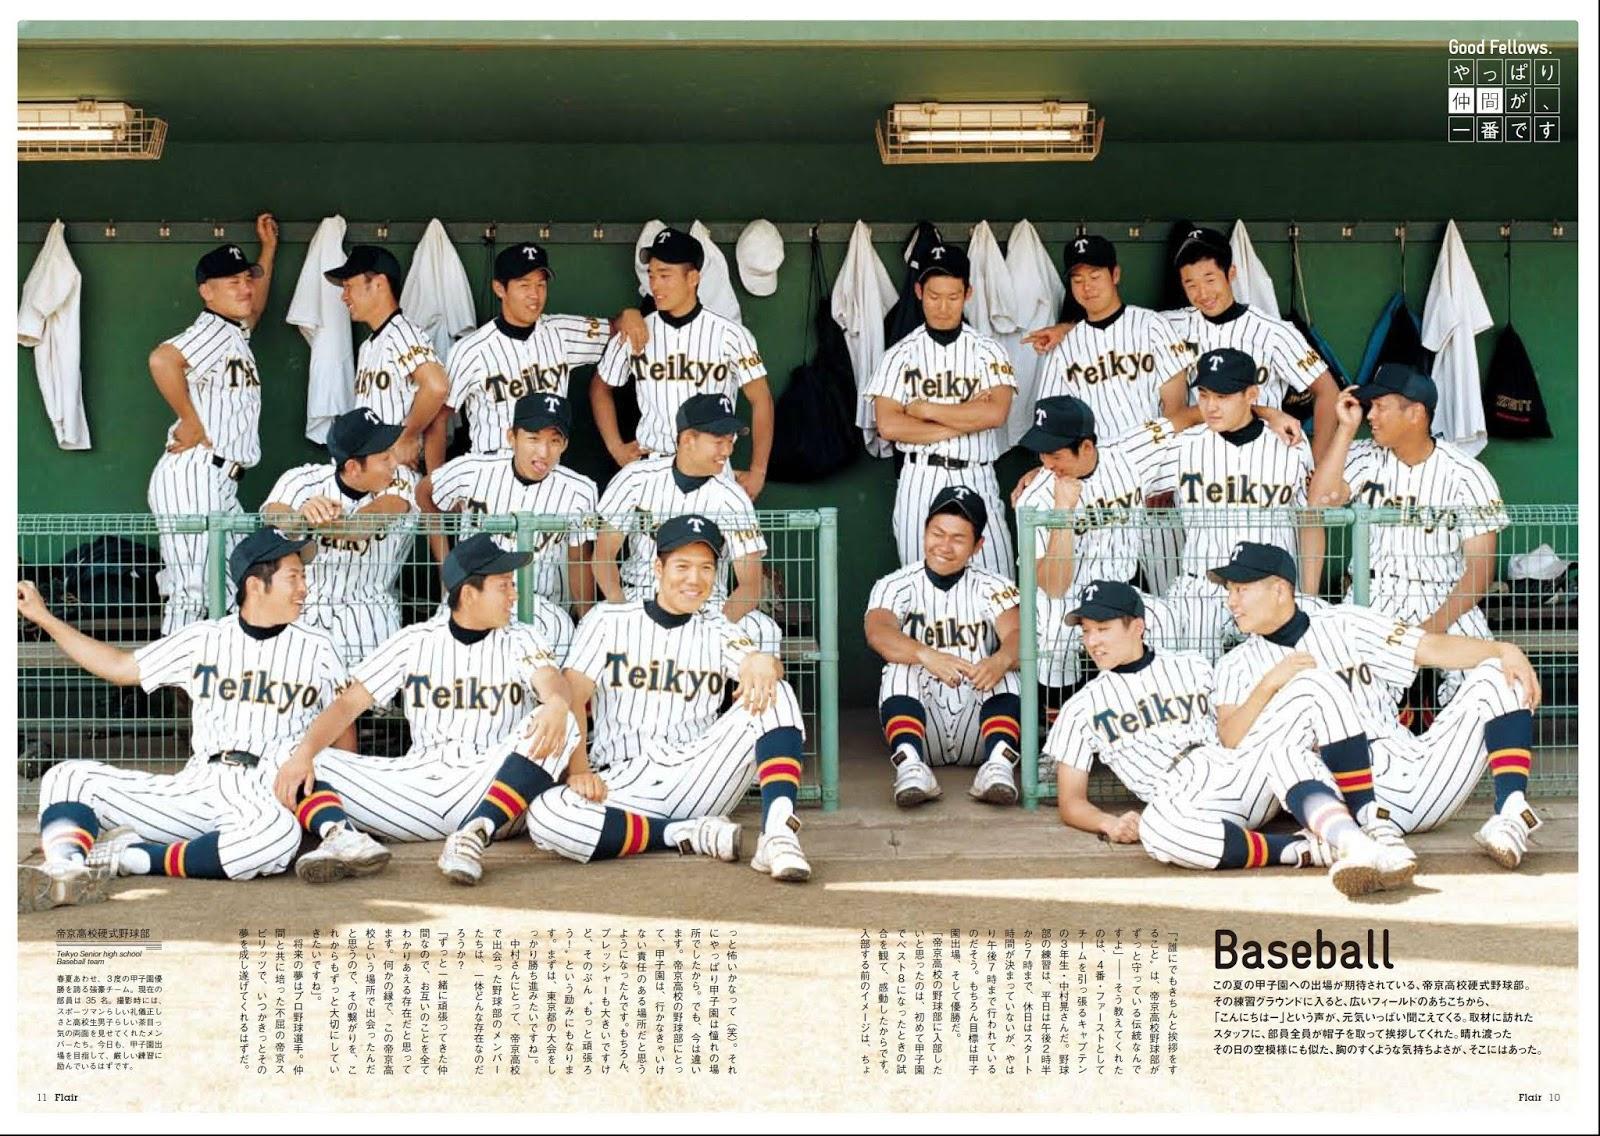 中村晃 (野球)の画像 p1_7